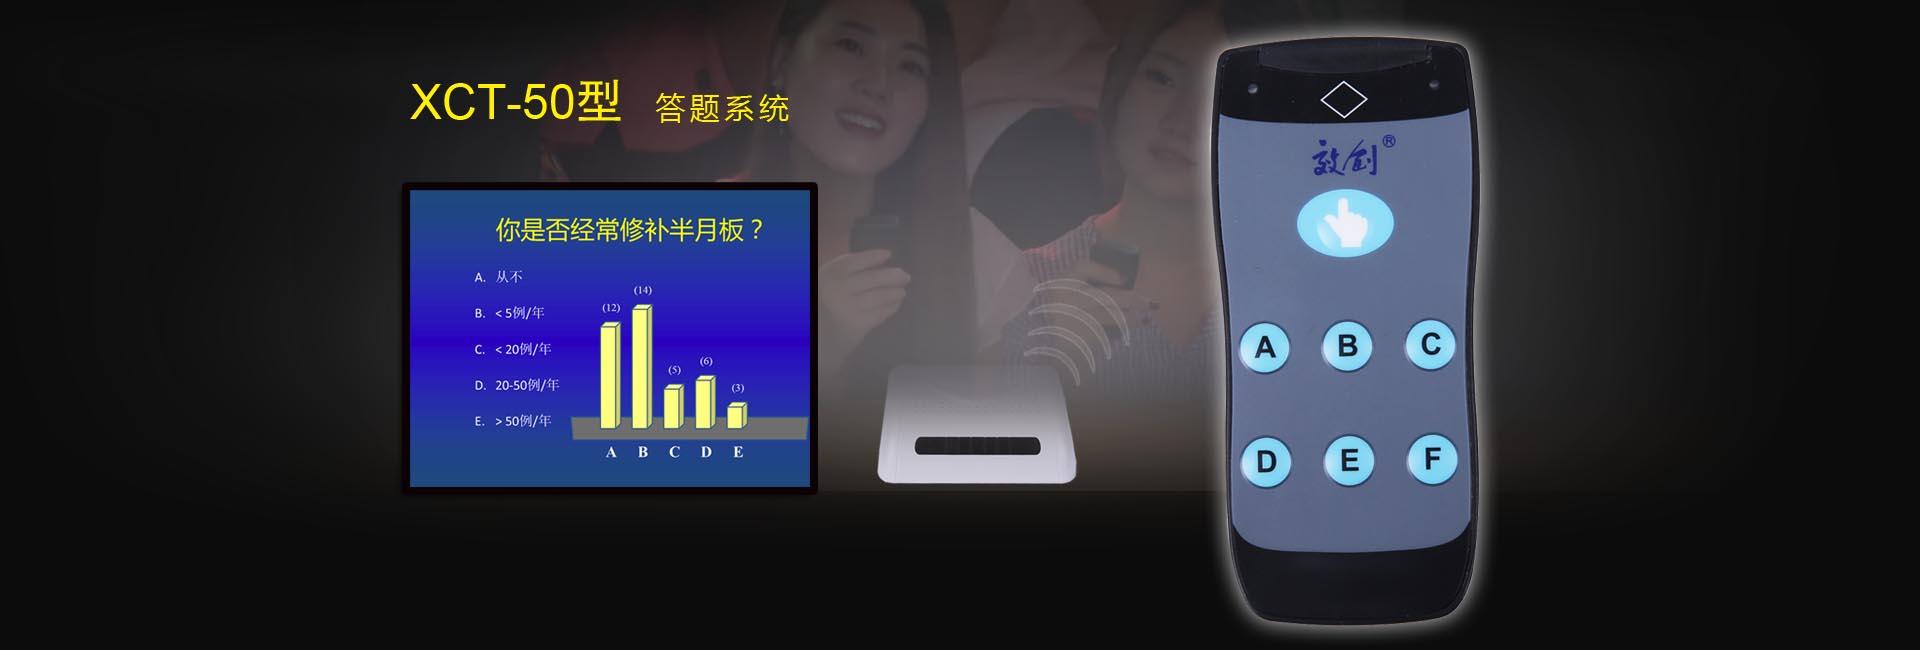 重庆无线答题器